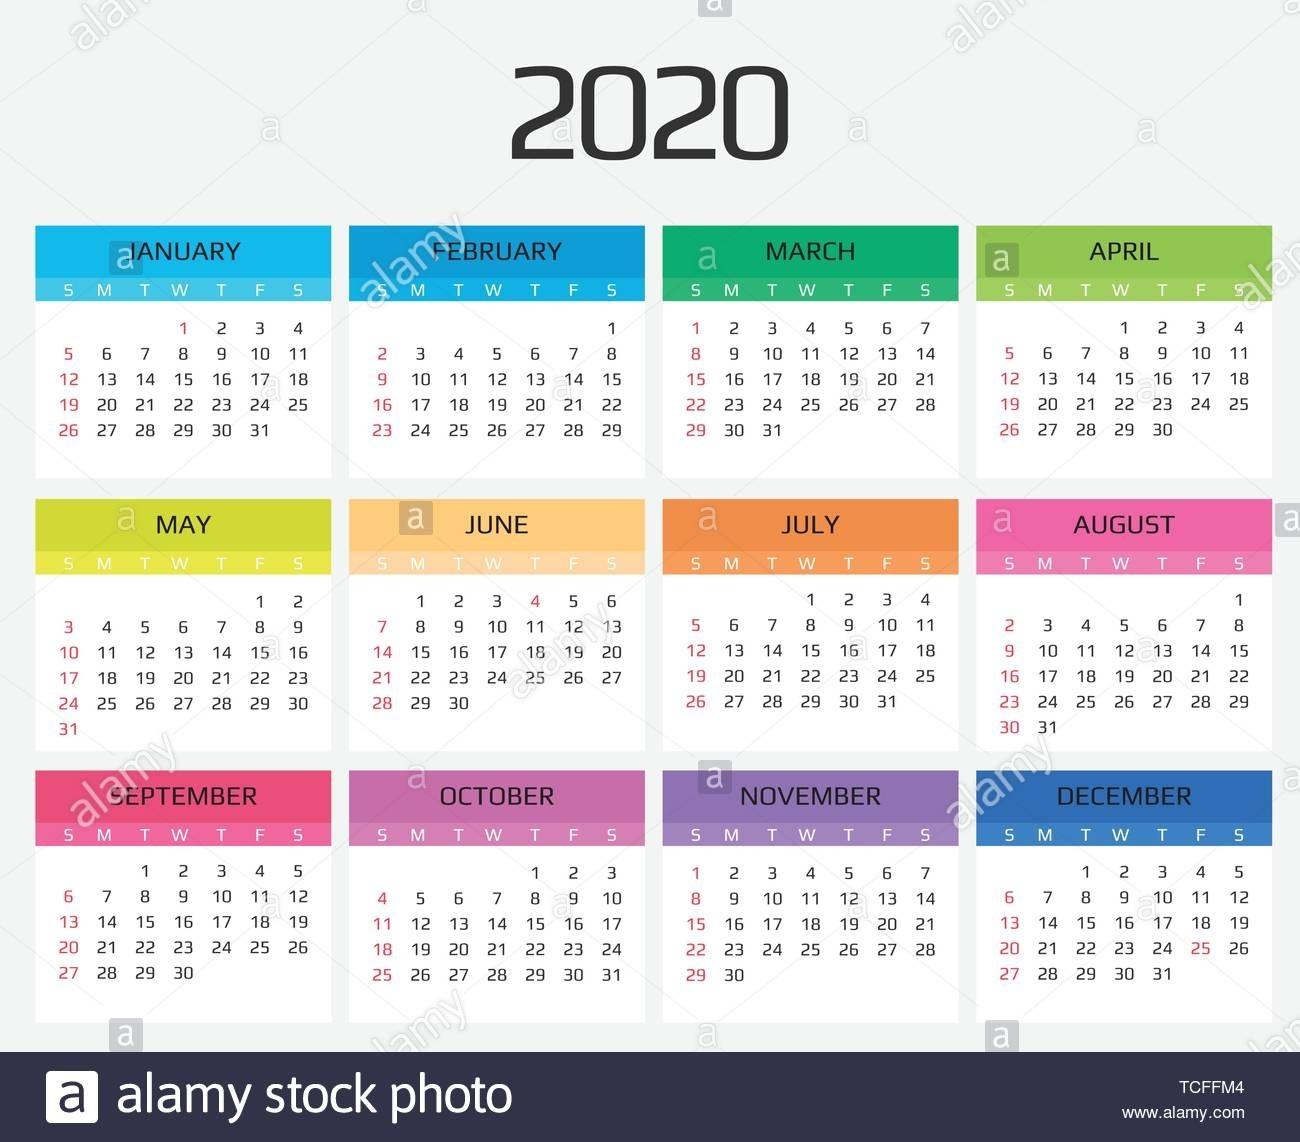 Catch Calendar For All 12 Months